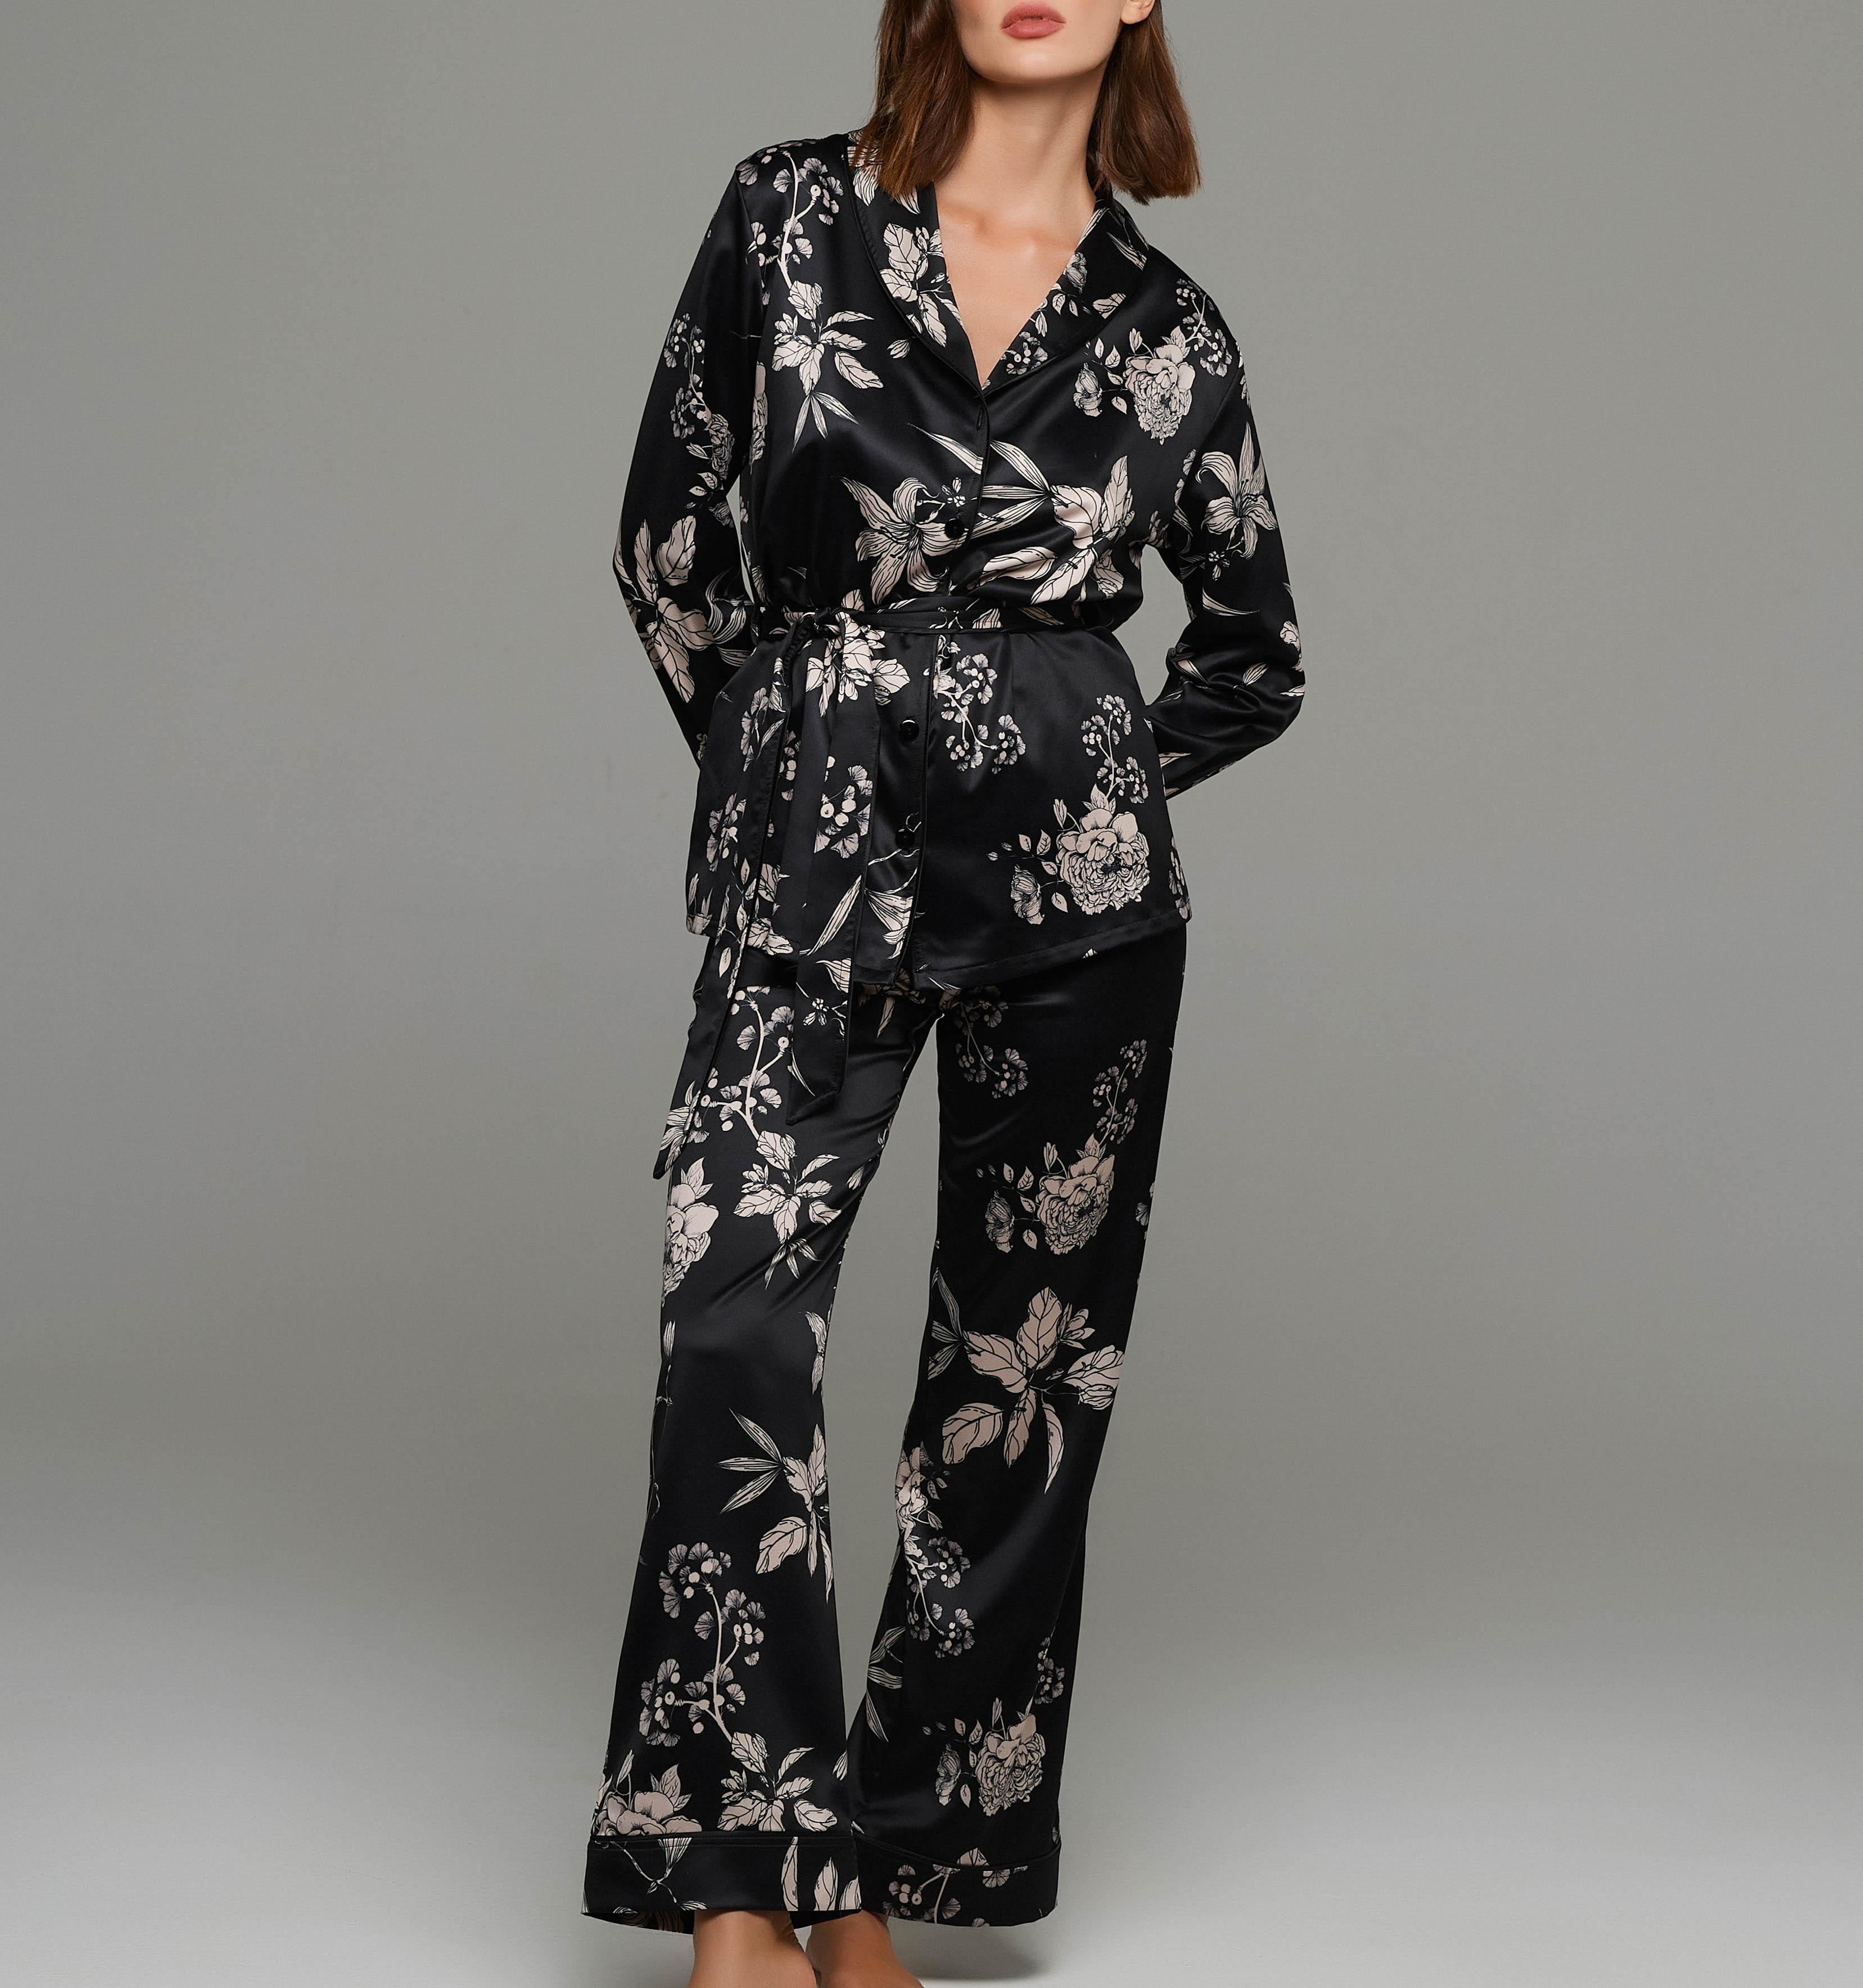 Γυναικεία πυτζάμα Lida - Μαύρο Σατέν - Floral - Homewear Set